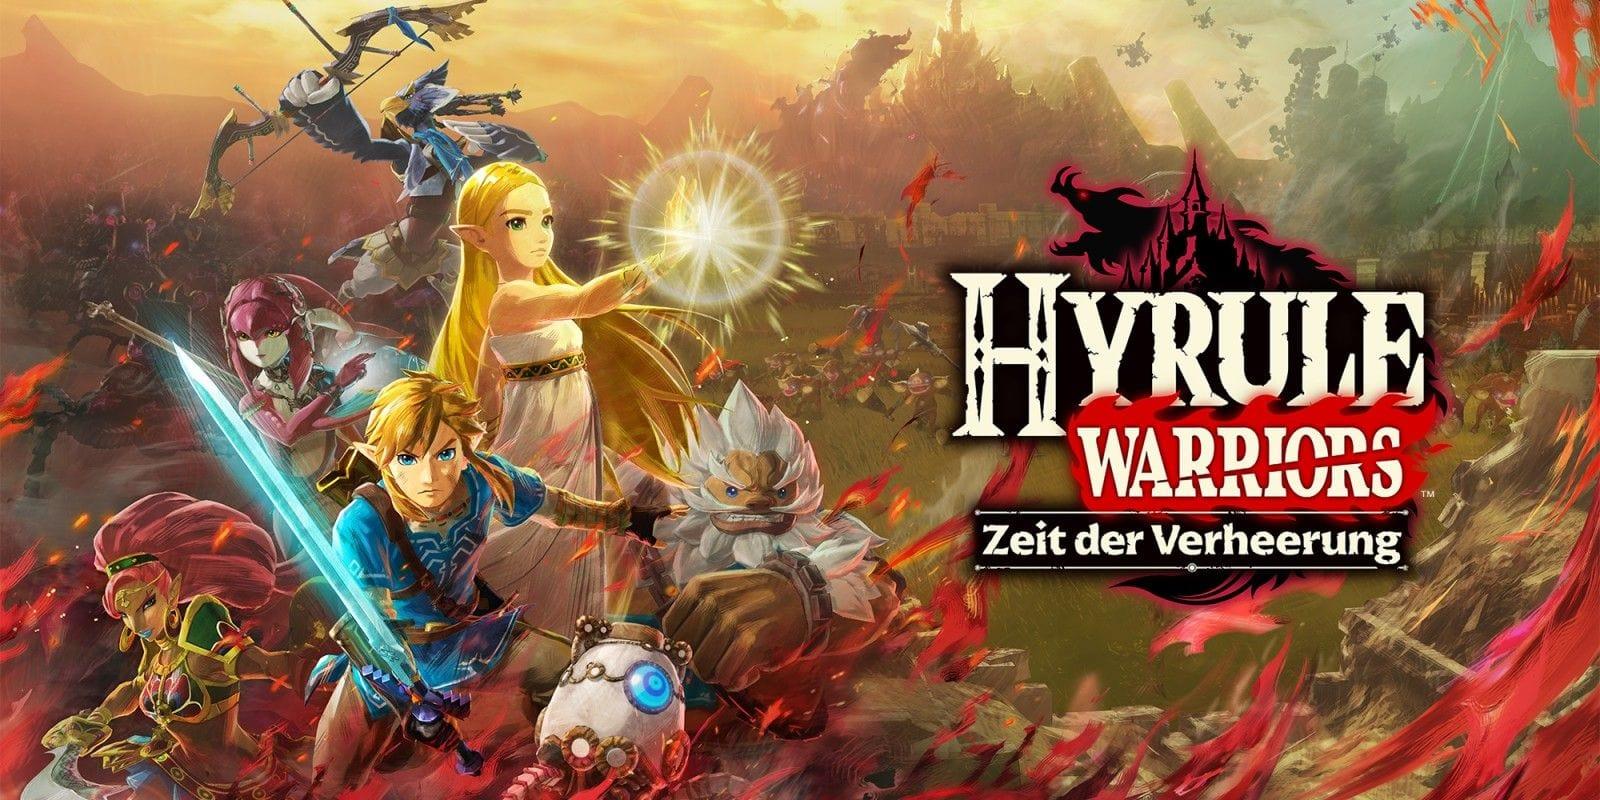 Link Und Zelda Sind Zuruck In Hyrule Warriors Zeit Der Verheerung Pixel De